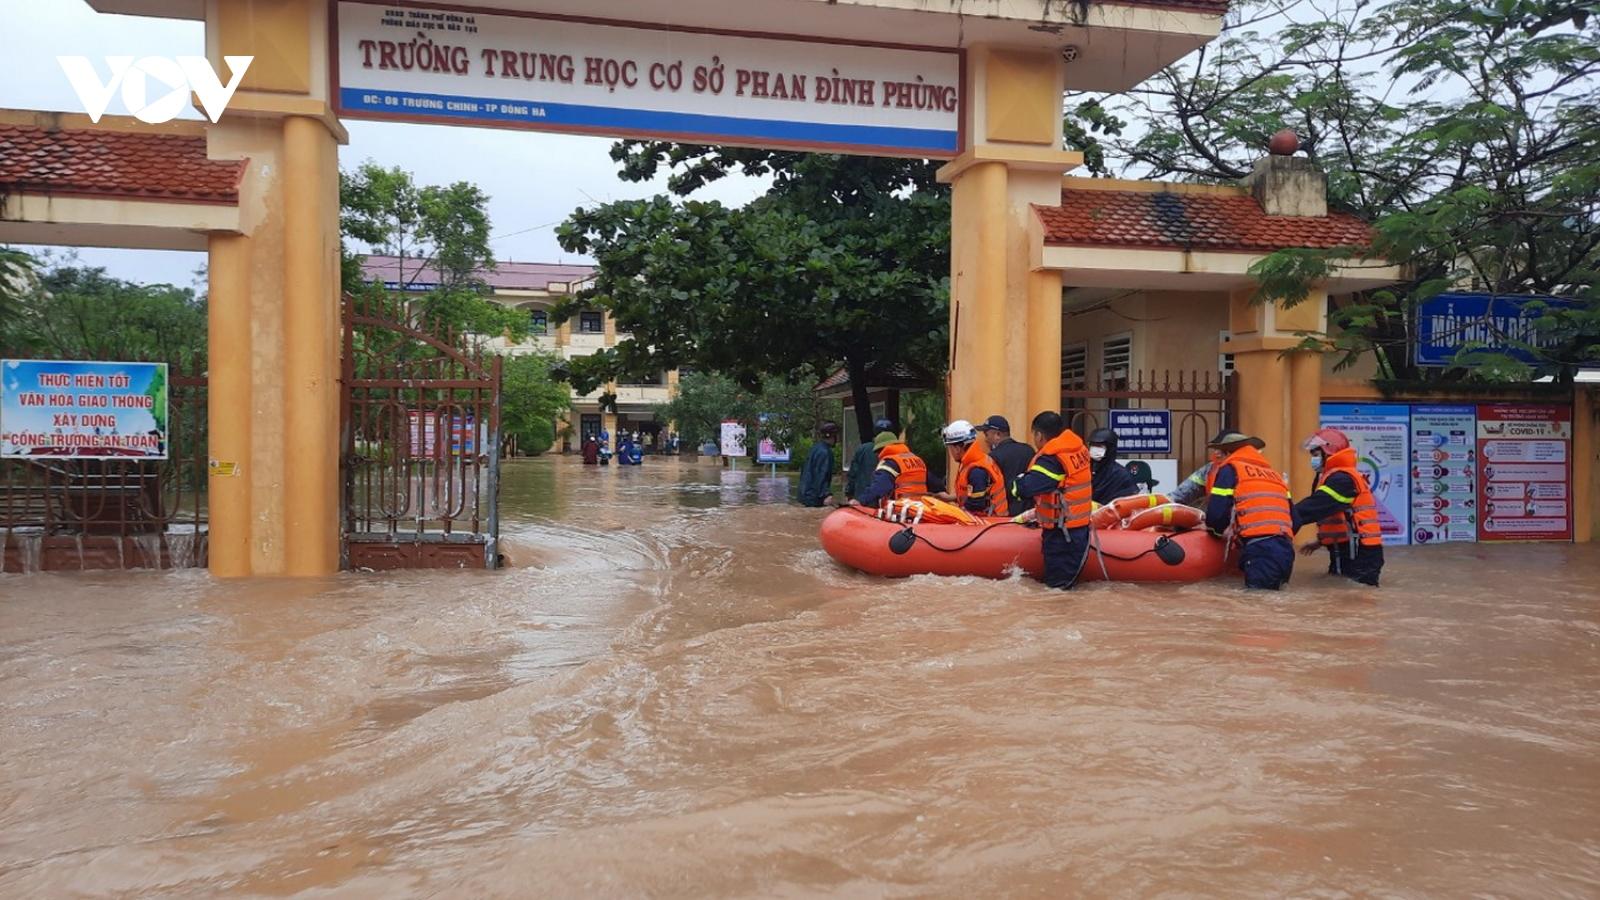 TP Đông Hà ngập nặng, lực lượng cứu hộ dùng ca nô di chuyển học sinh ra khỏi trường